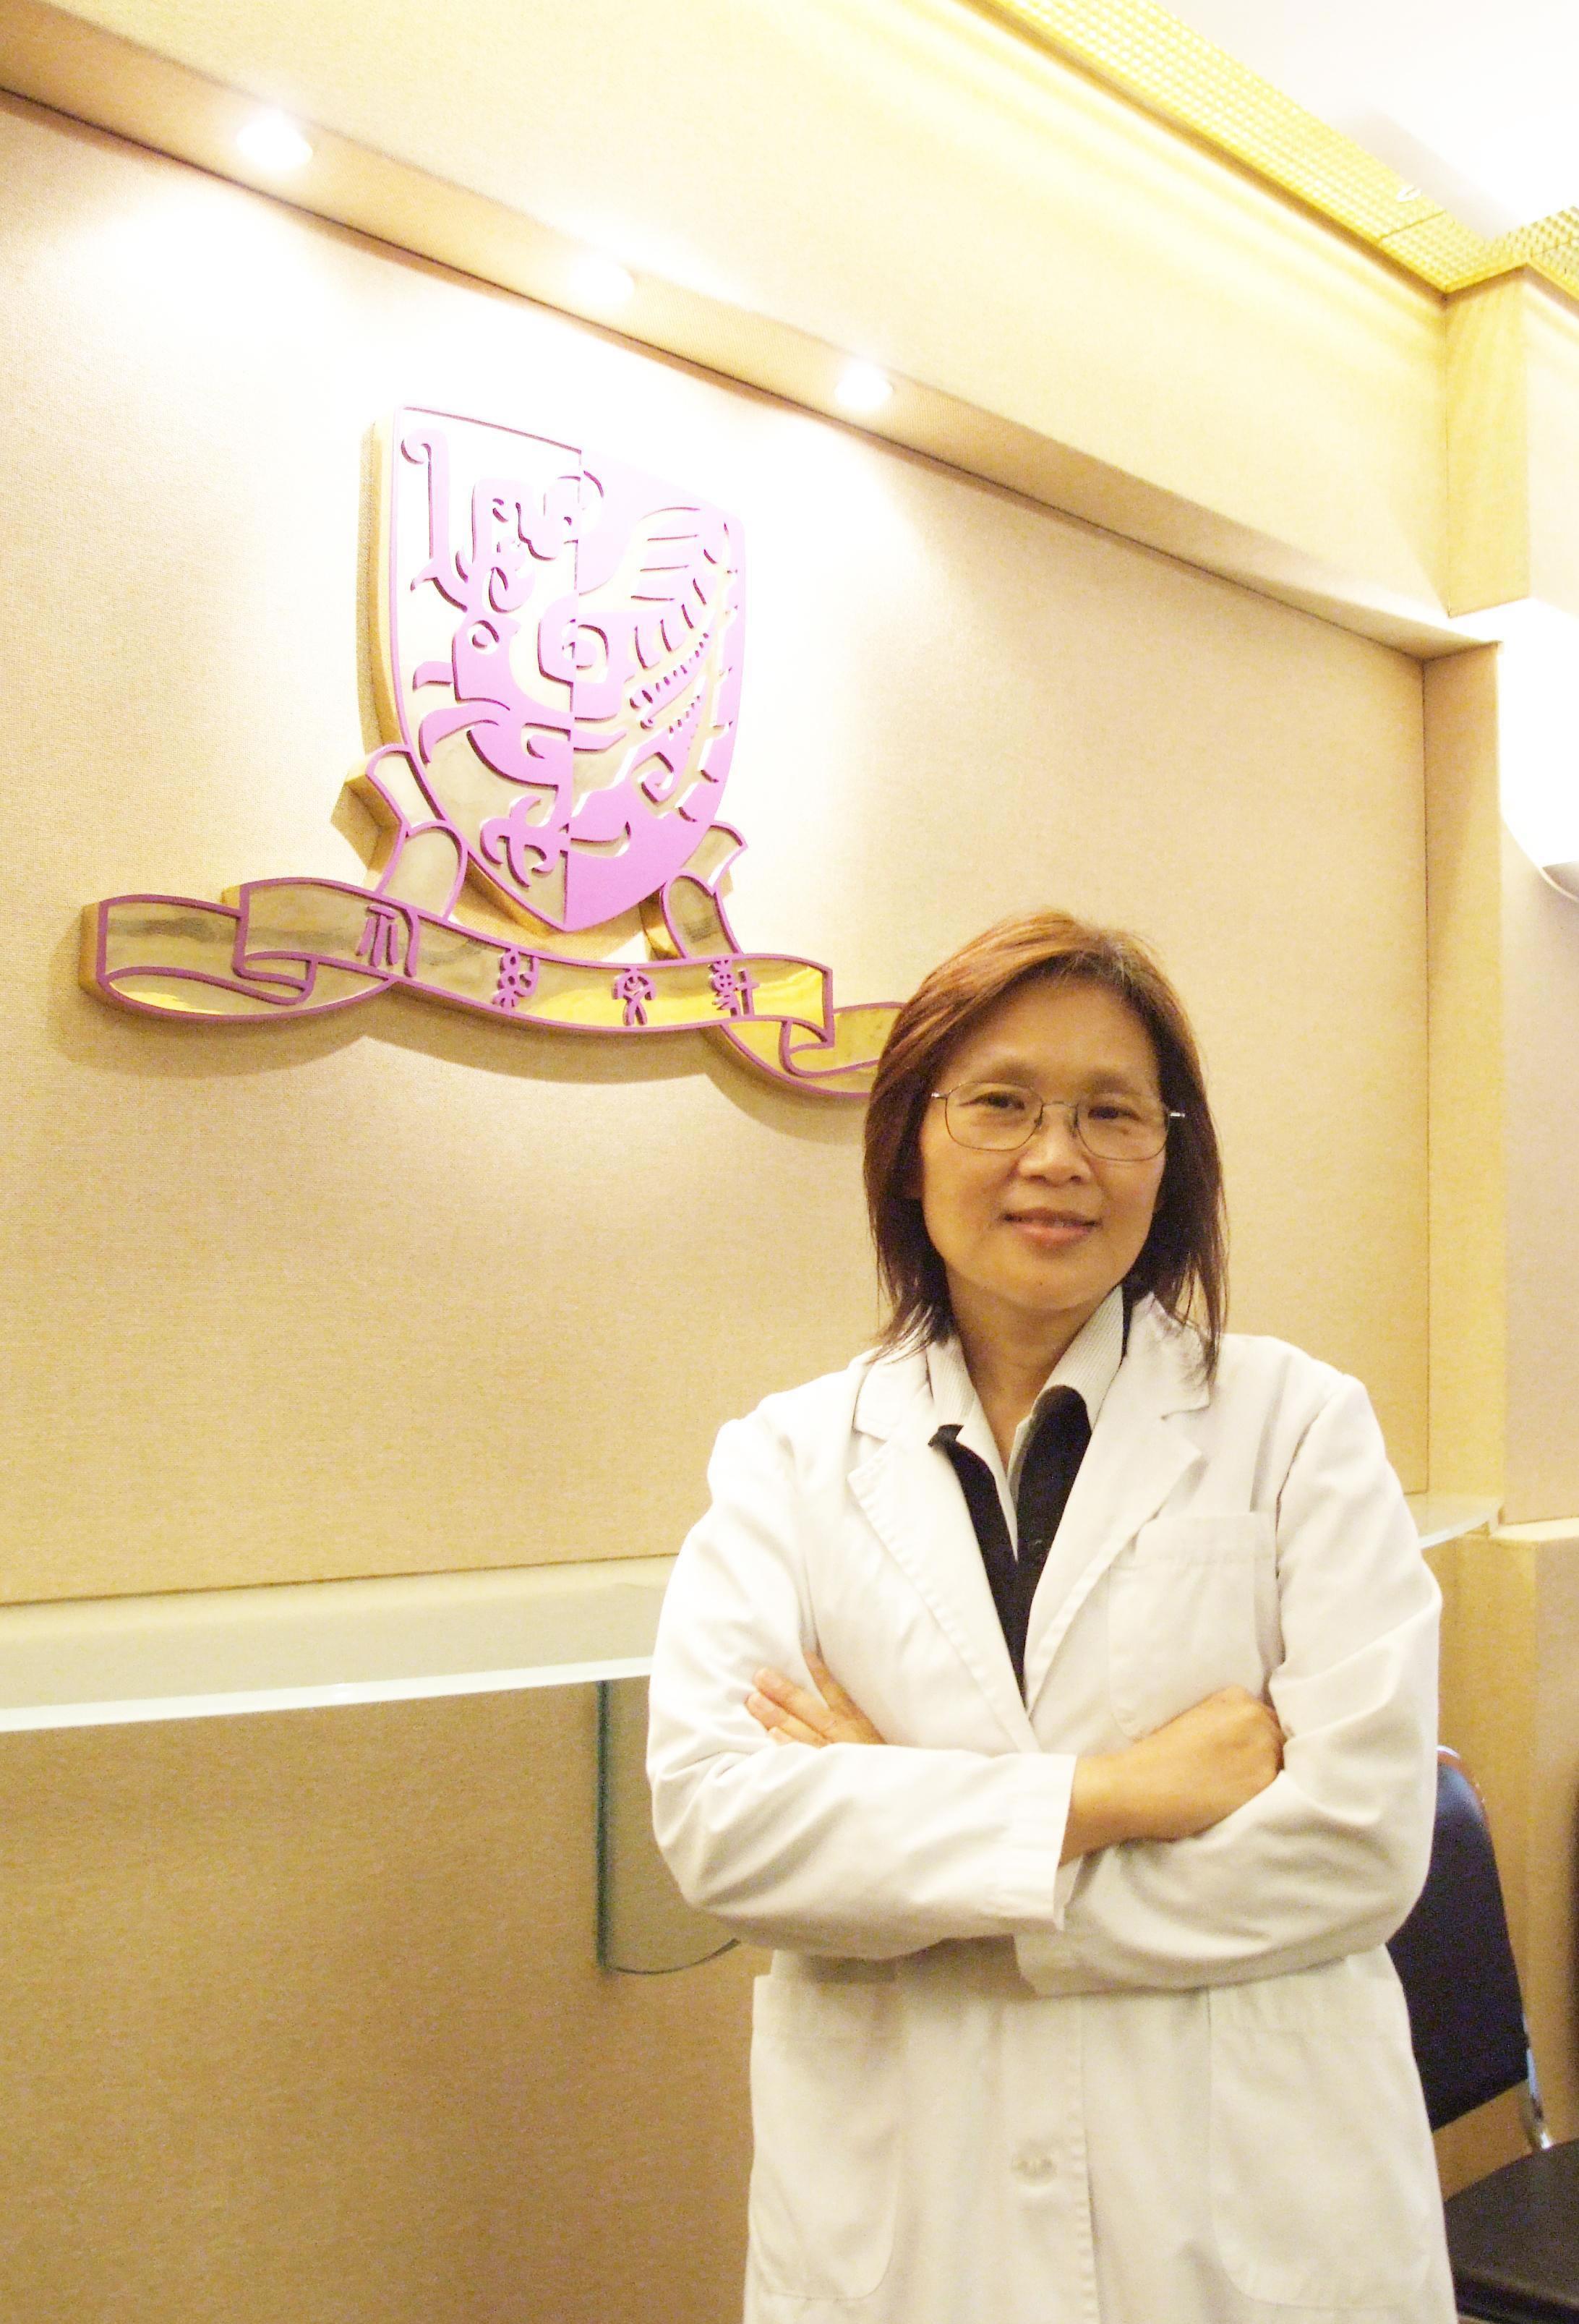 中大李嘉誠生理學講座教授兼上皮細胞生物學研究中心主任陳小章教授